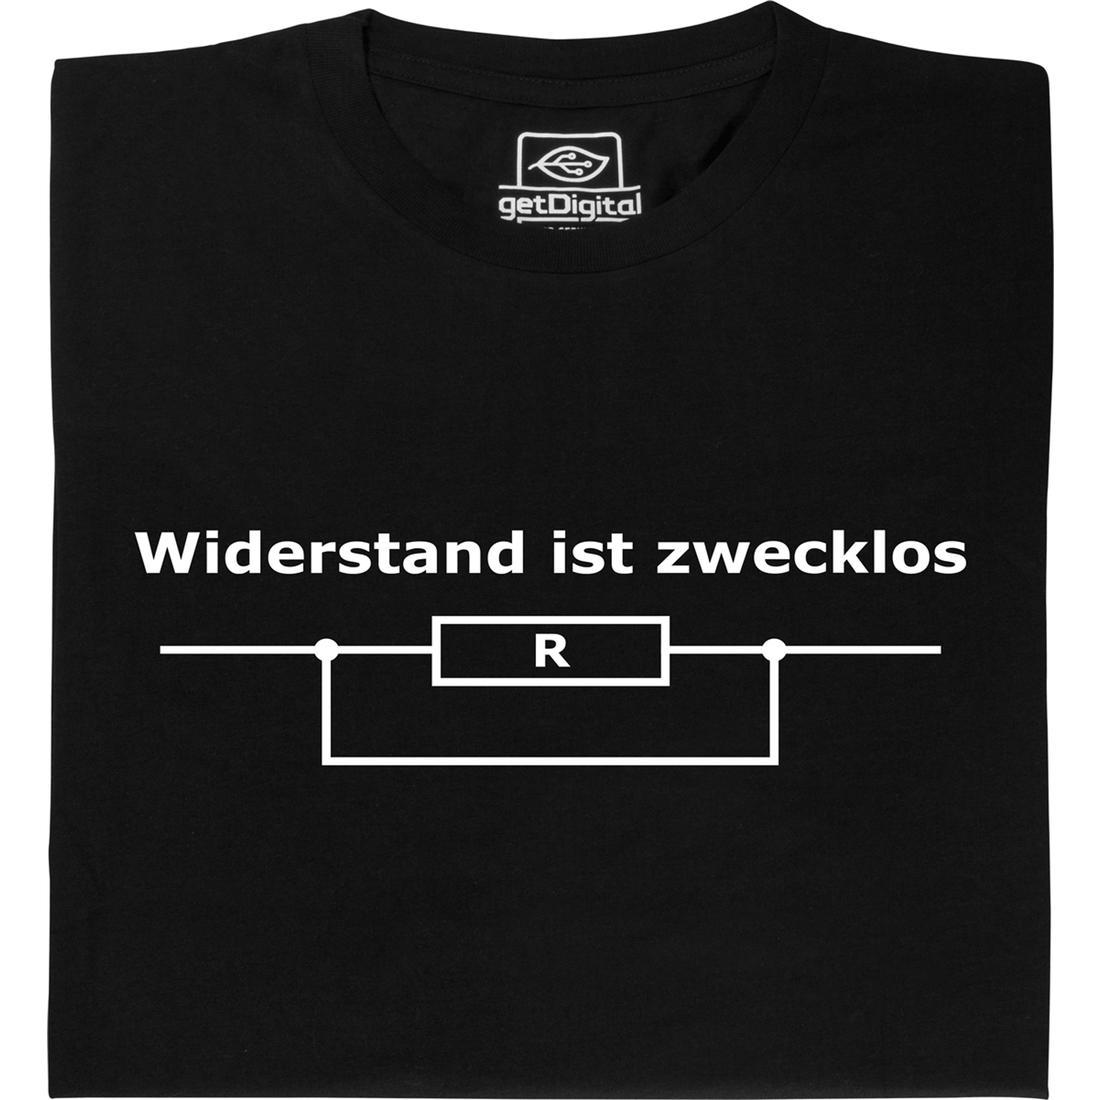 171Widerstand-ist-zwecklos_171_square1.jpg